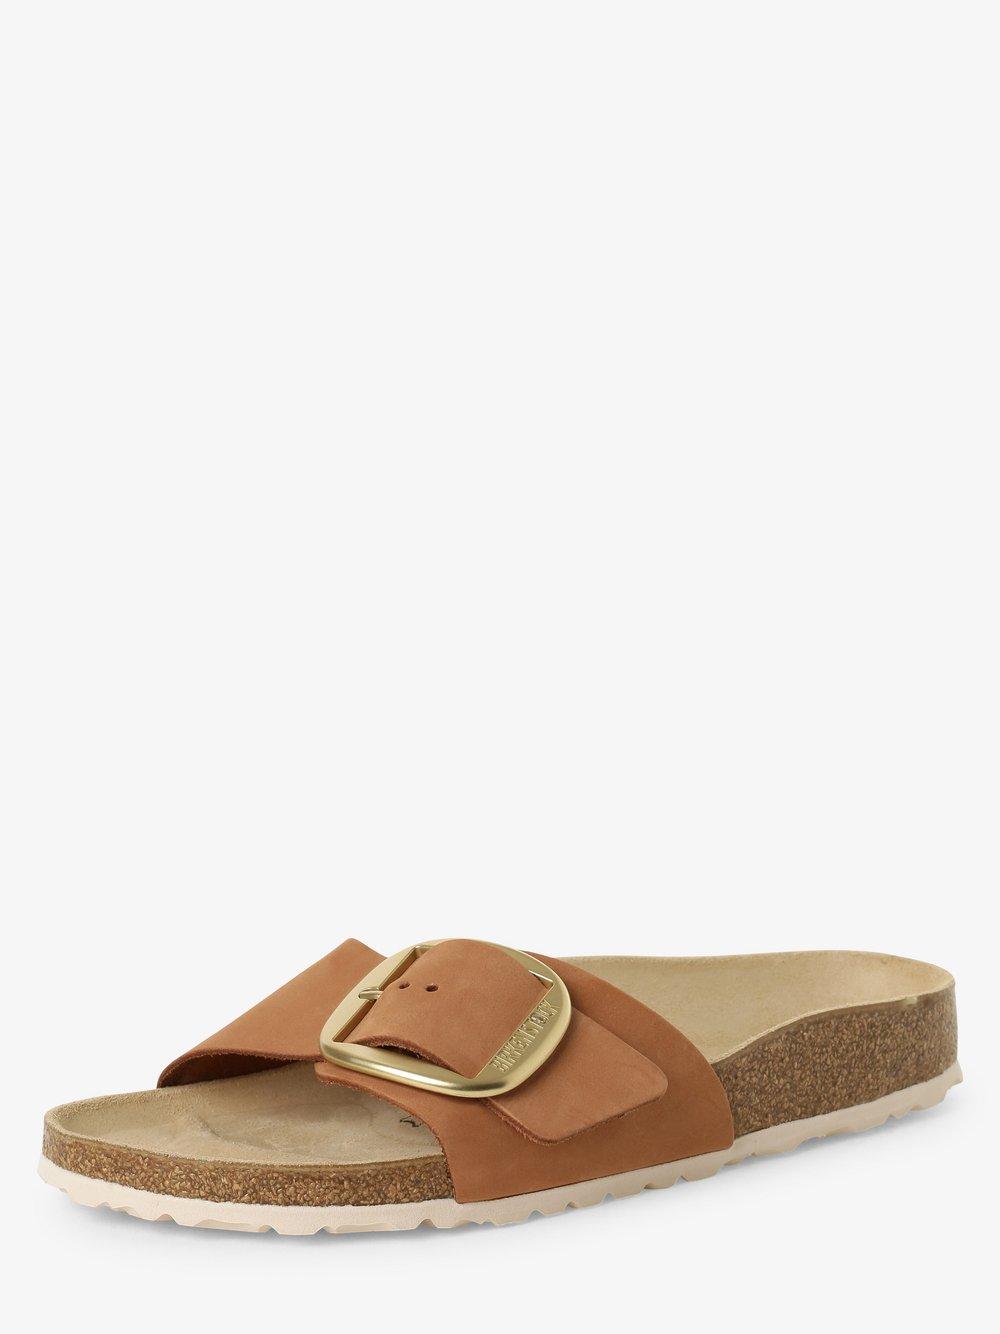 Birkenstock - Sandały damskie ze skóry – Madrid Big Buckle, beżowy